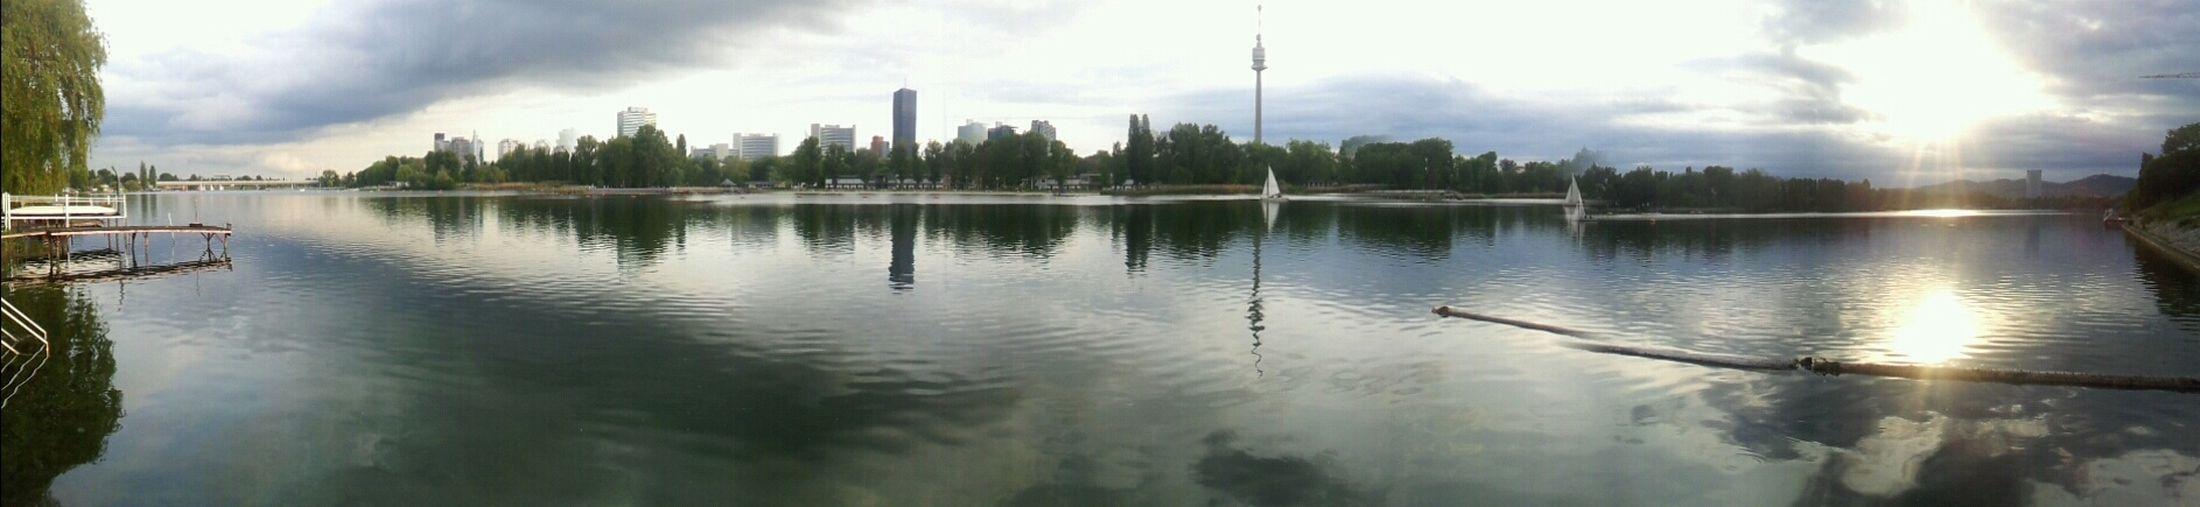 Danube Pensiveness